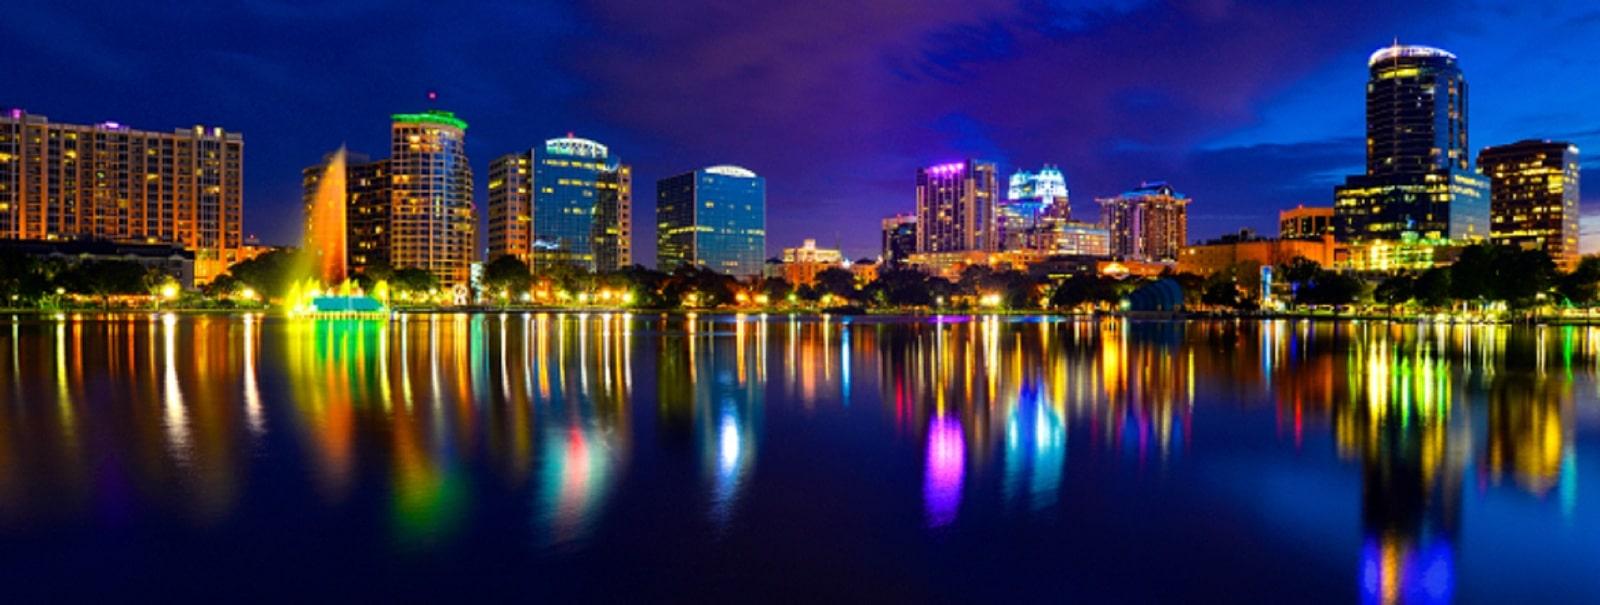 Orlando Une Ville En Constante Expansion